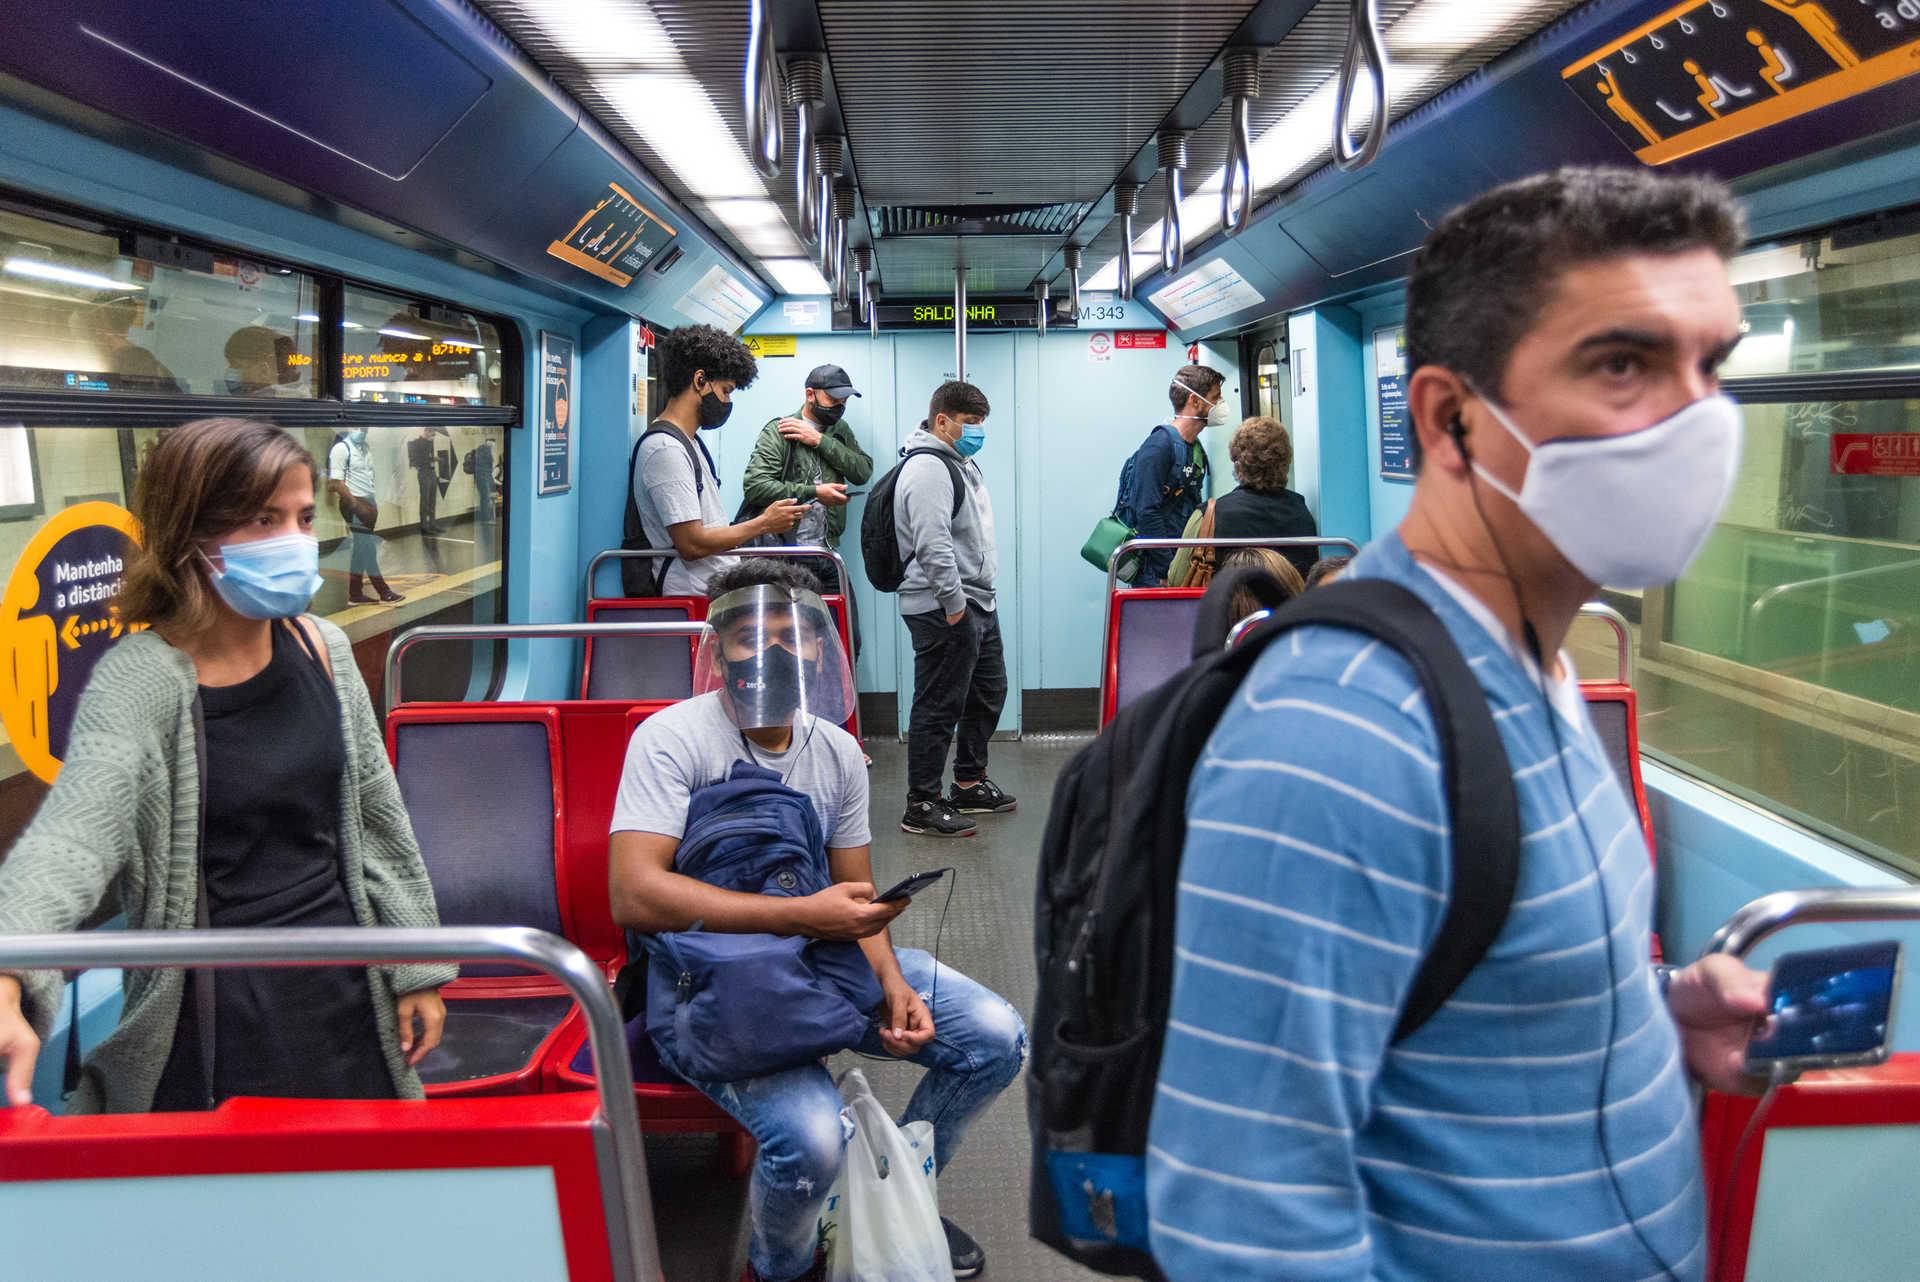 image Confusão nos transportes do Porto e Lisboa: passageiros desafiam regras da DGS